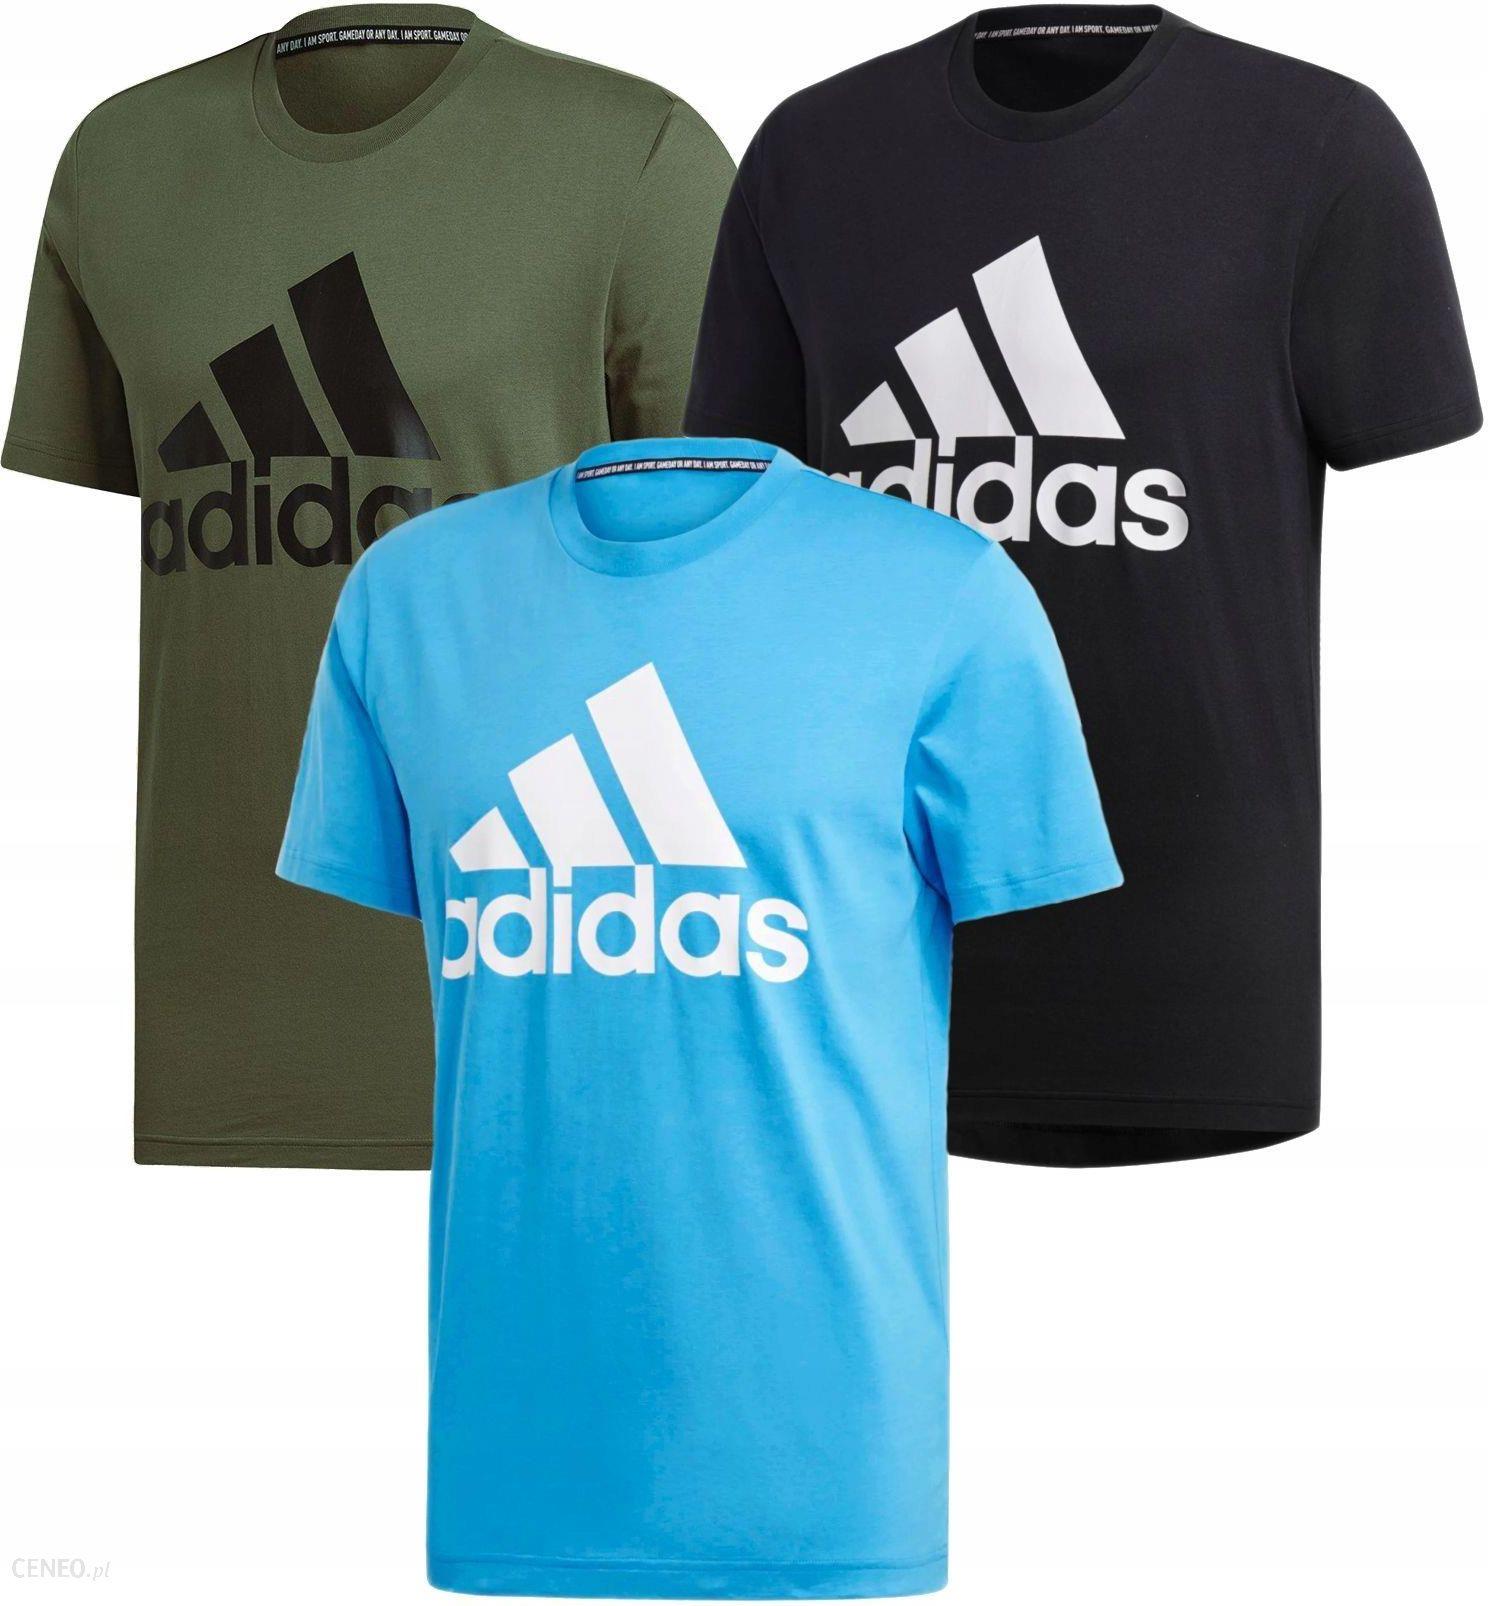 60888800987aa Koszulki Męskie Adidas Komplet Zestaw Sportowe XL - Ceny i opinie ...